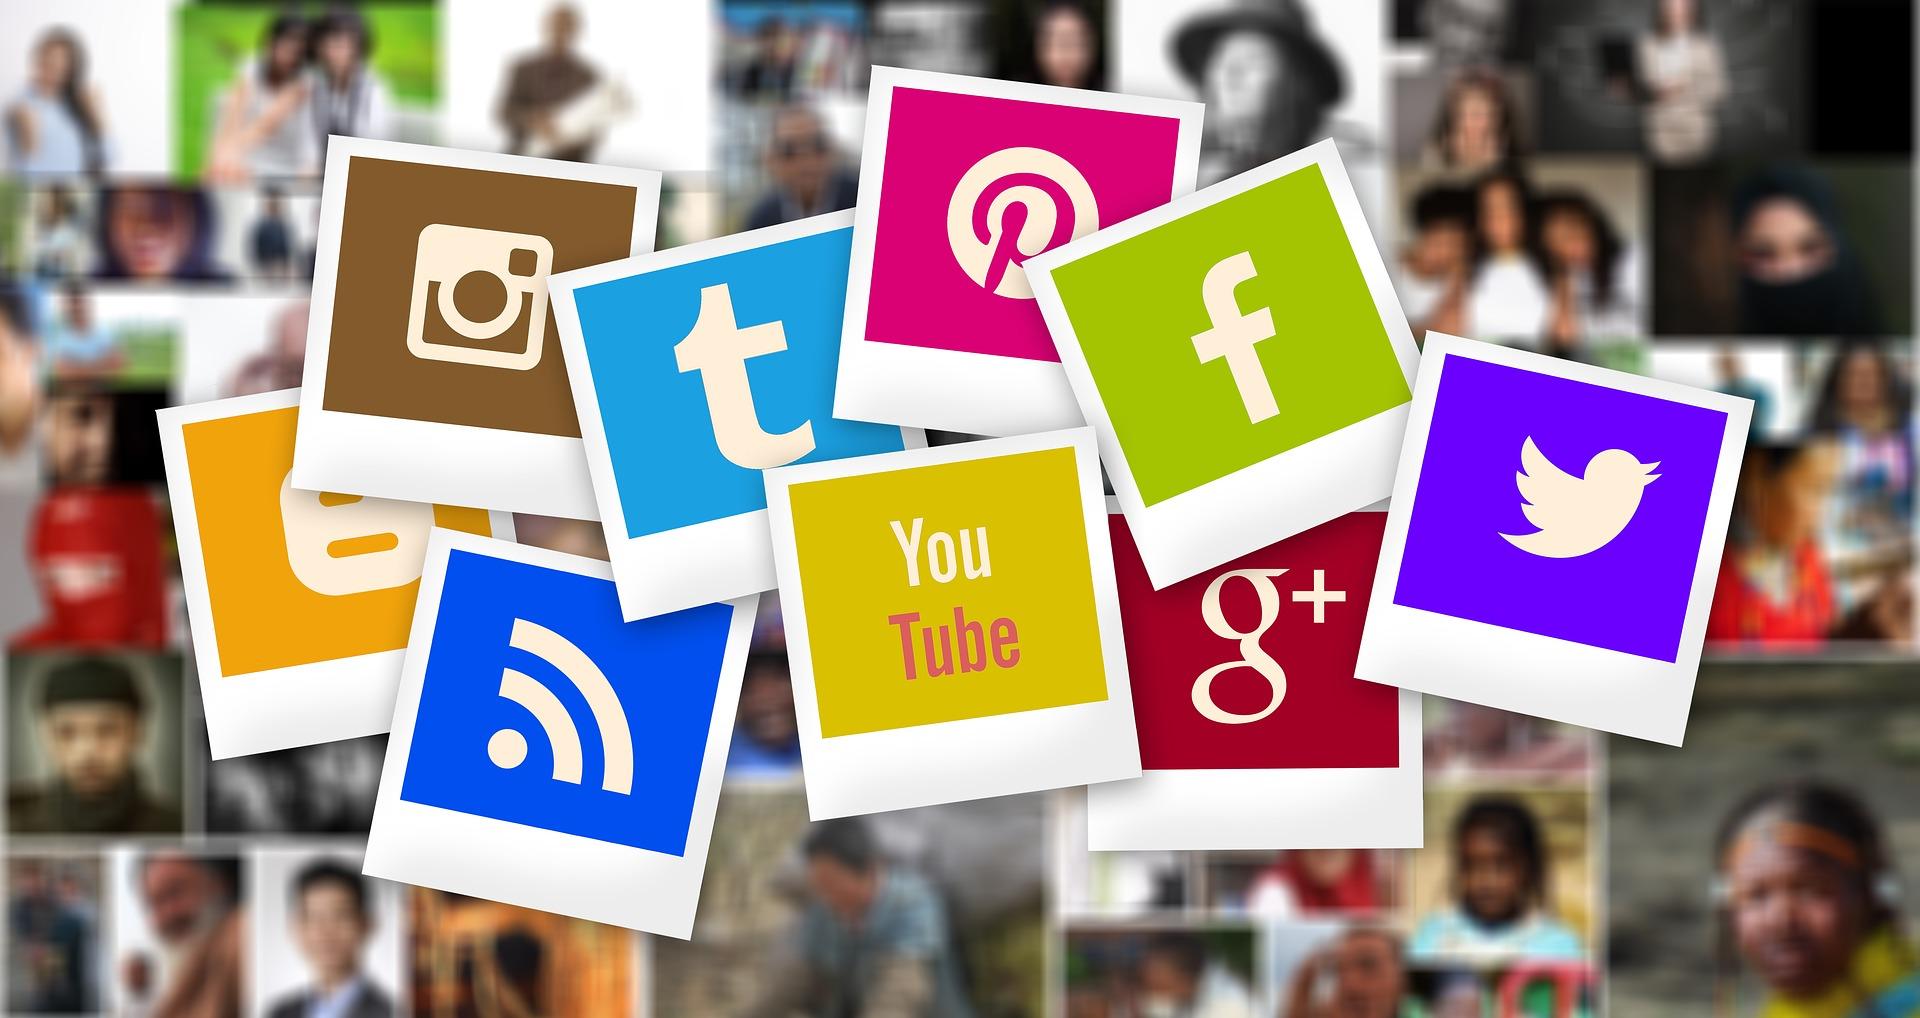 Image of all social media logos